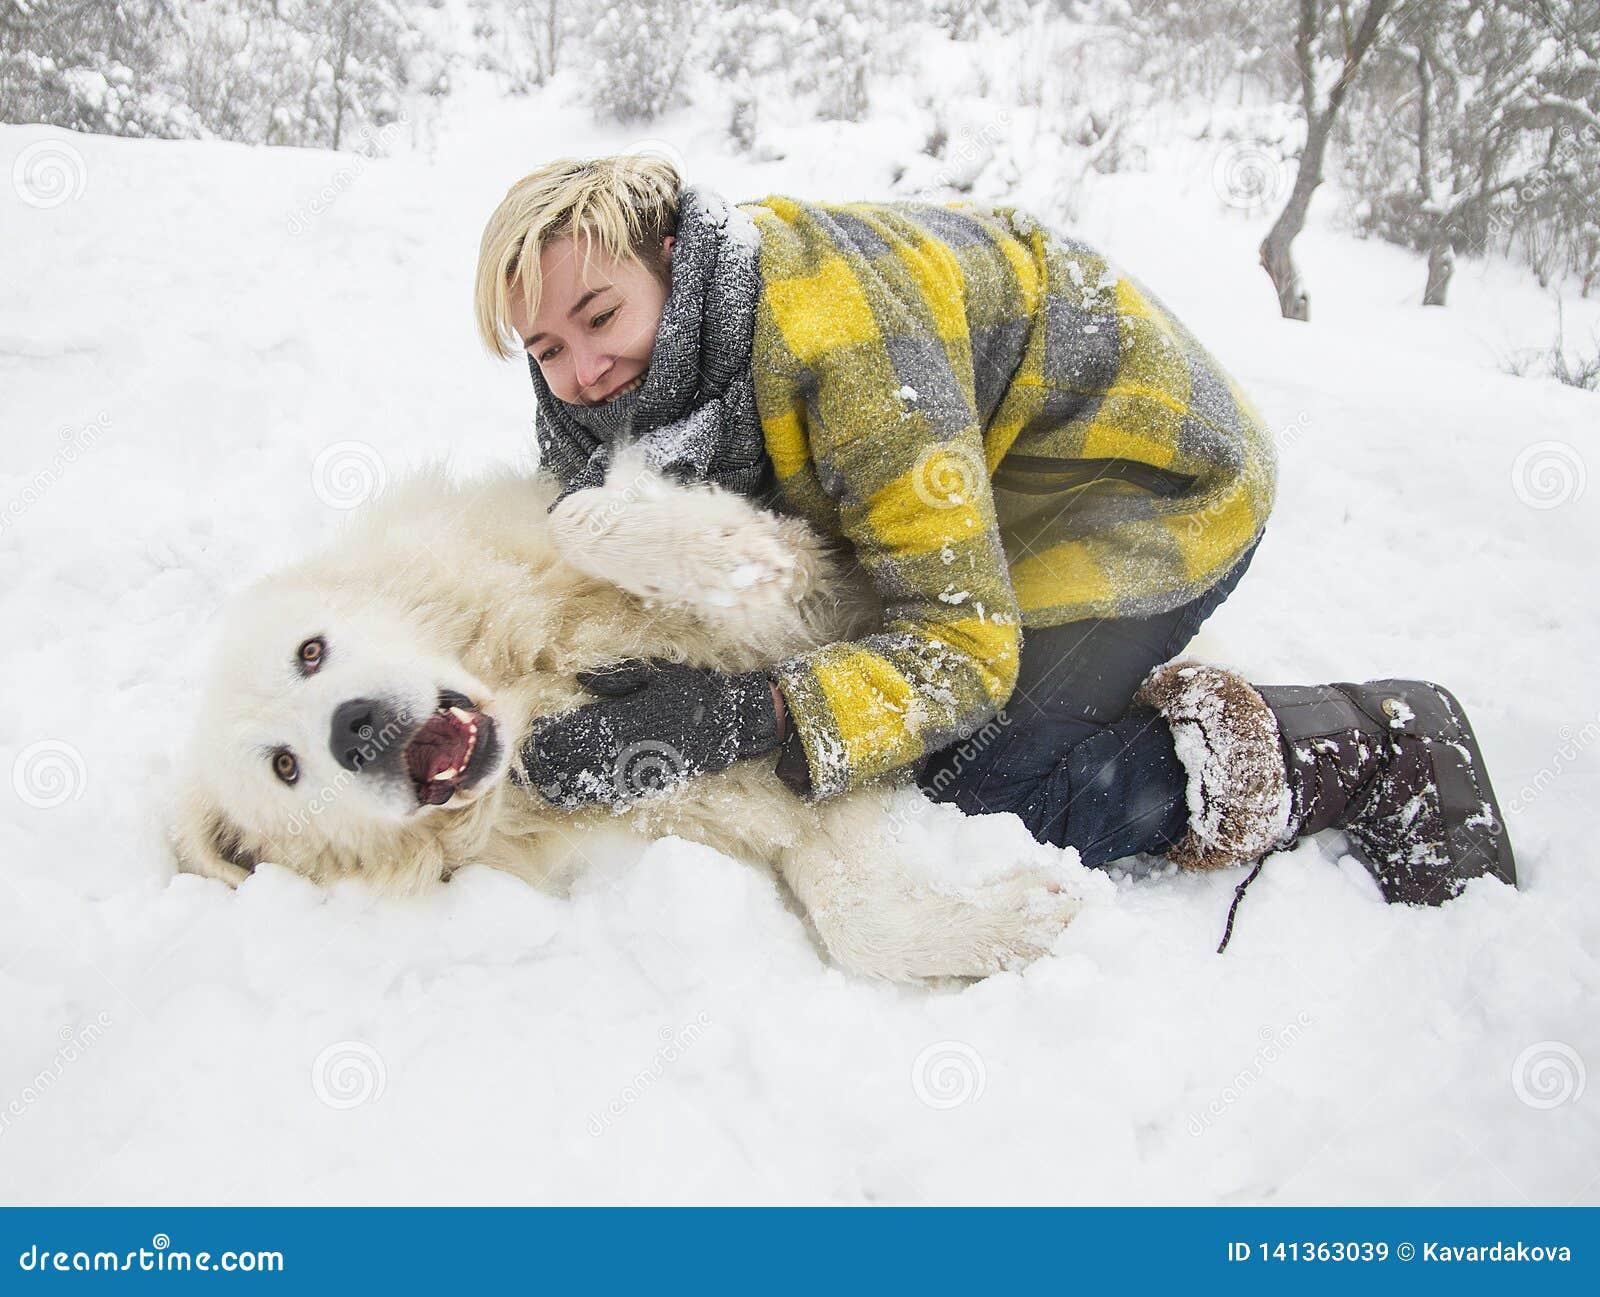 Kvinnan plaskar med en vit hund i snö